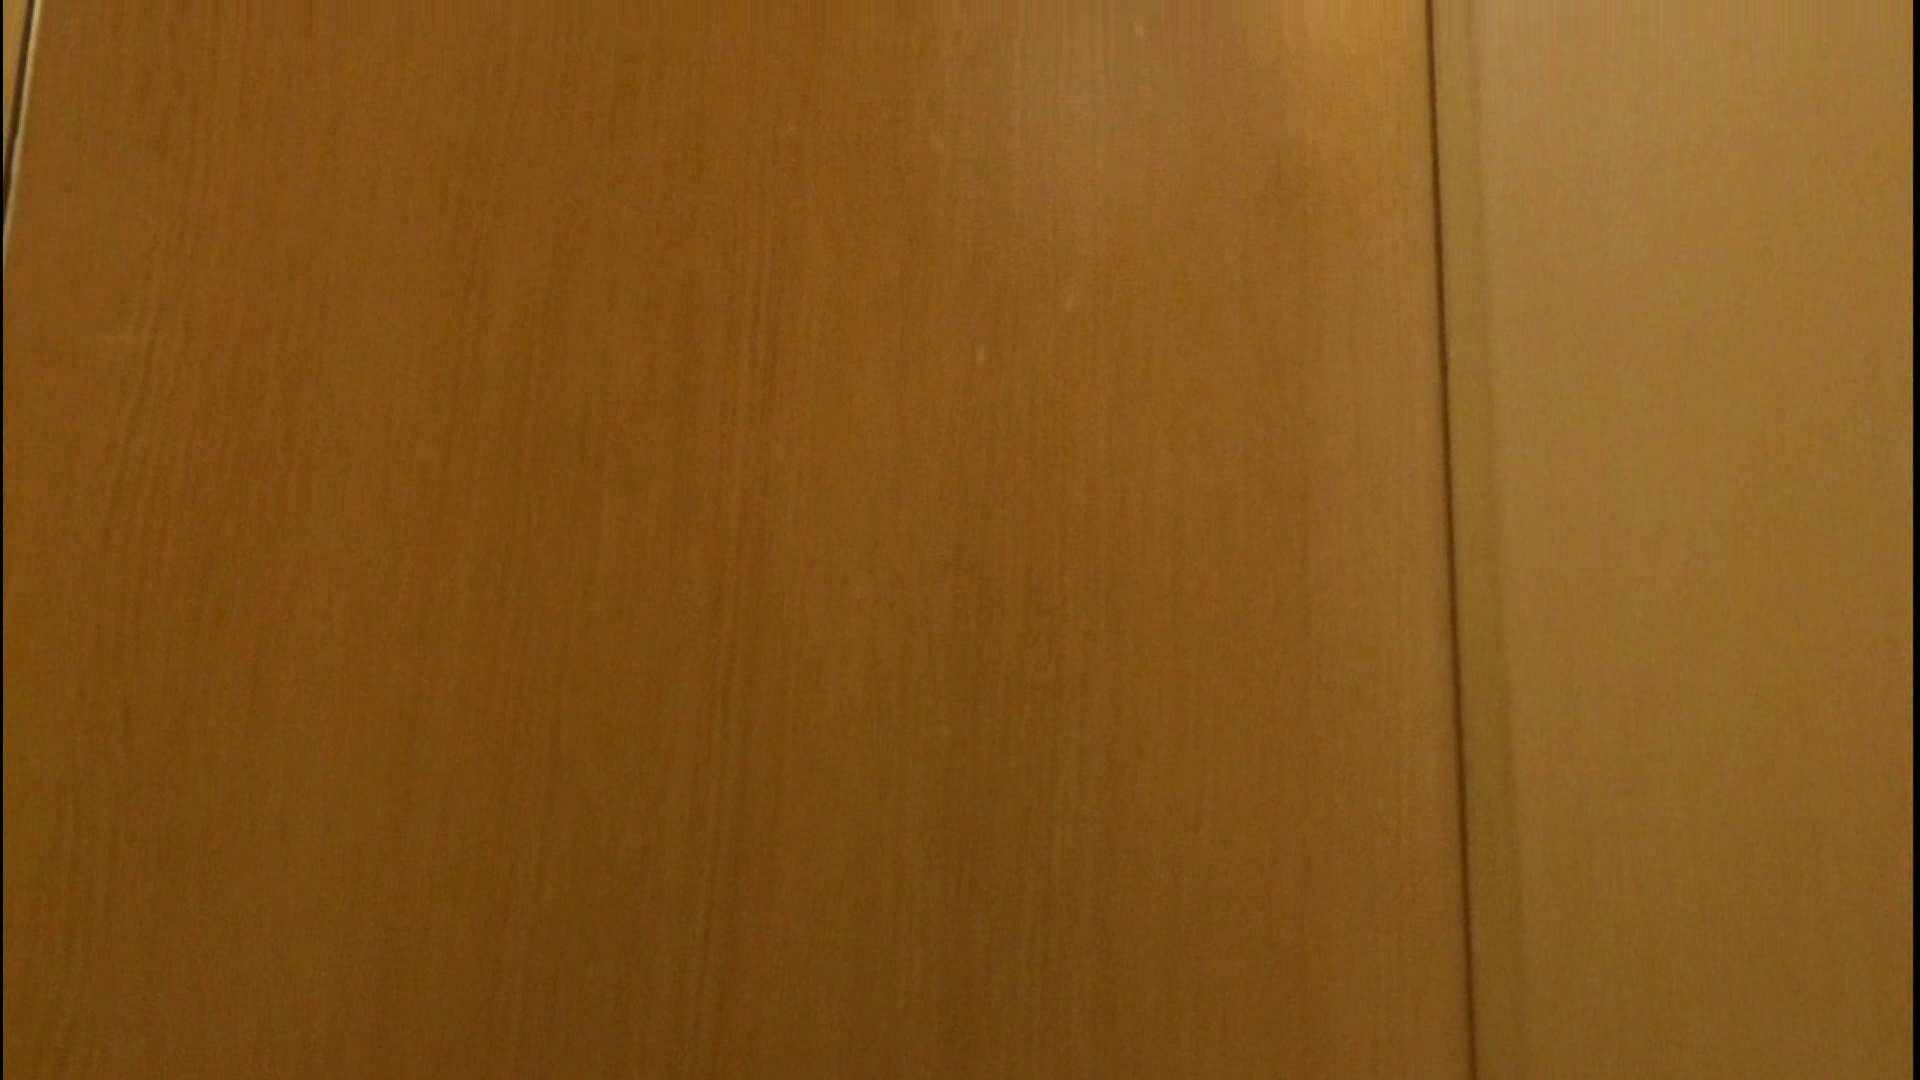 隣国化粧室下から御免!! No.13 美女ハメ撮り  64Pix 8